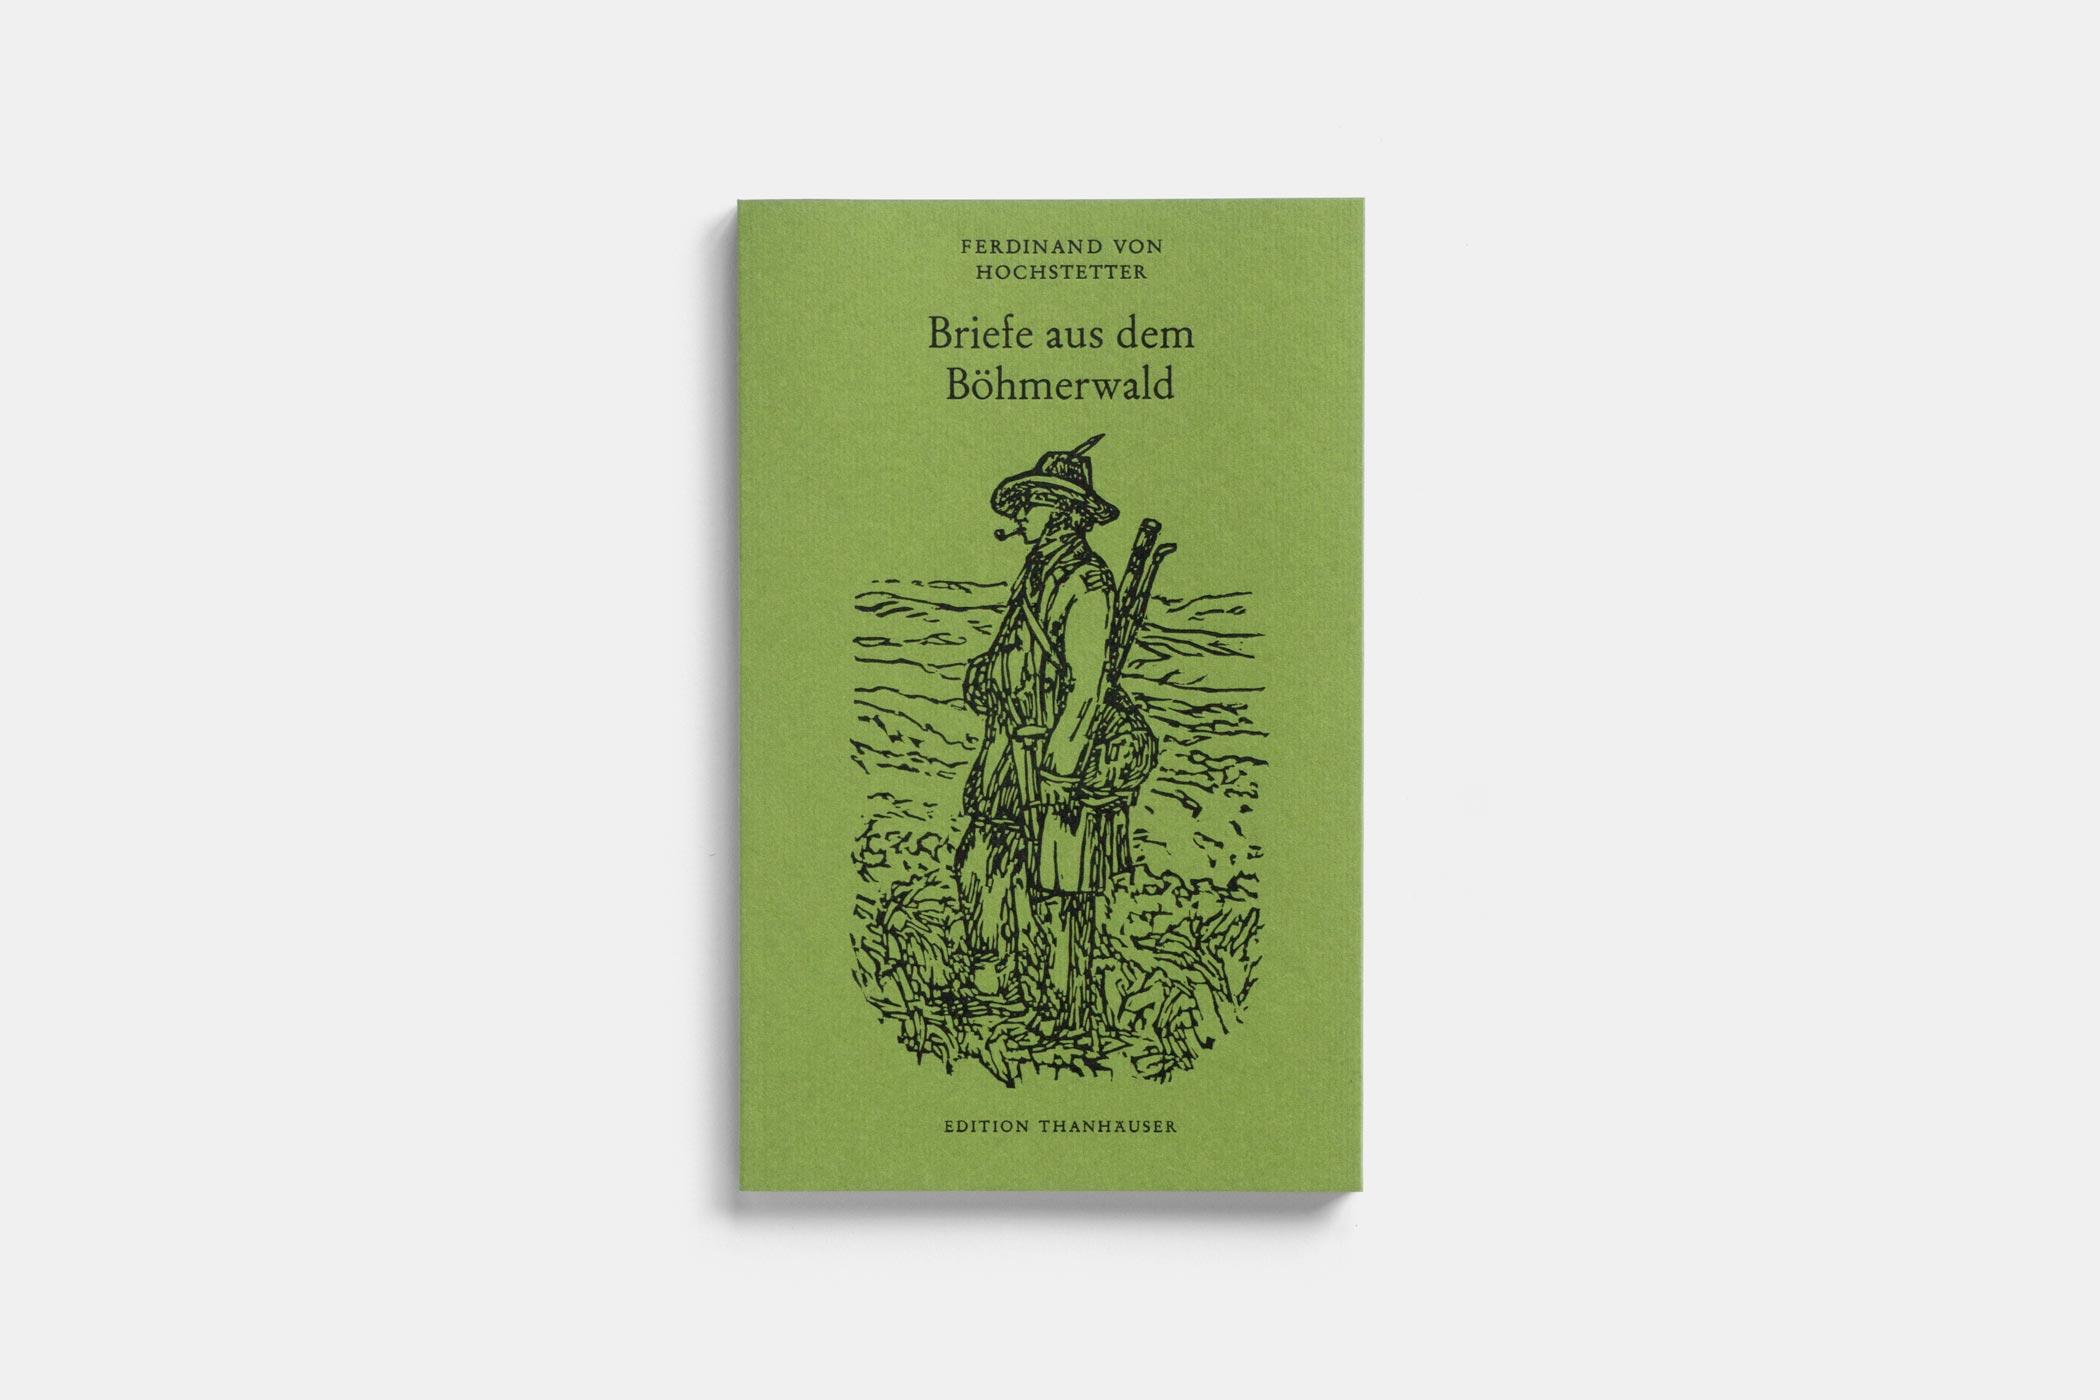 """Das Buch """"Briefe aus dem Böhmerwald"""" von Ferdinand von Hochstetter erschienen im Verlag Edition Thanhäuser mit einem Holzschnitt von Ferdinand von Hochstetter von Christian Thanhäuser am Umschlag"""